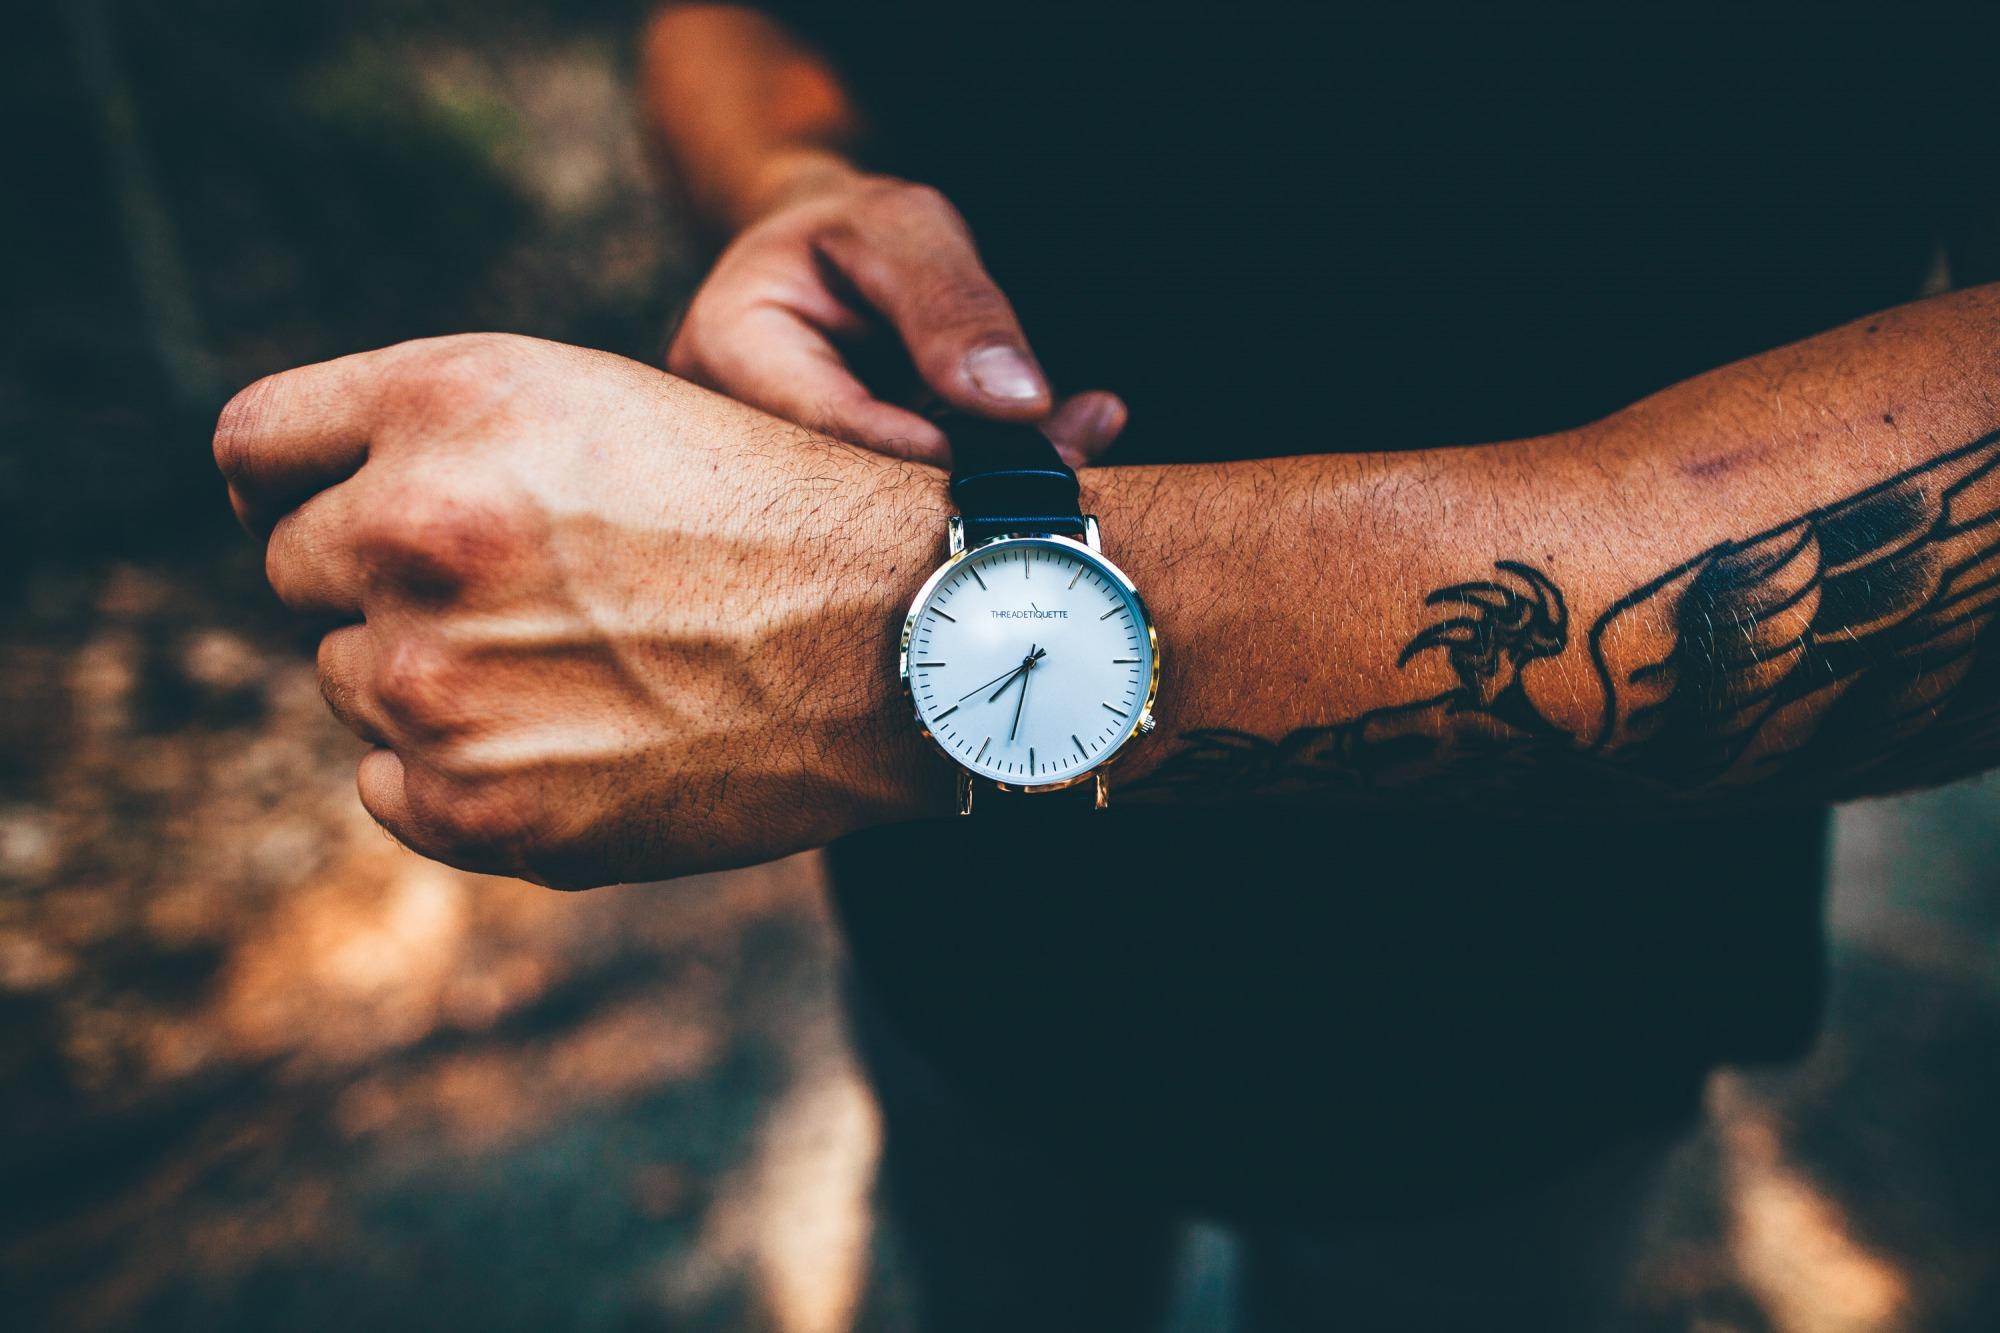 6 πολύ βασικοί λόγοι να σταματήσεις να φοράς ρολόι! d25bf152fbe